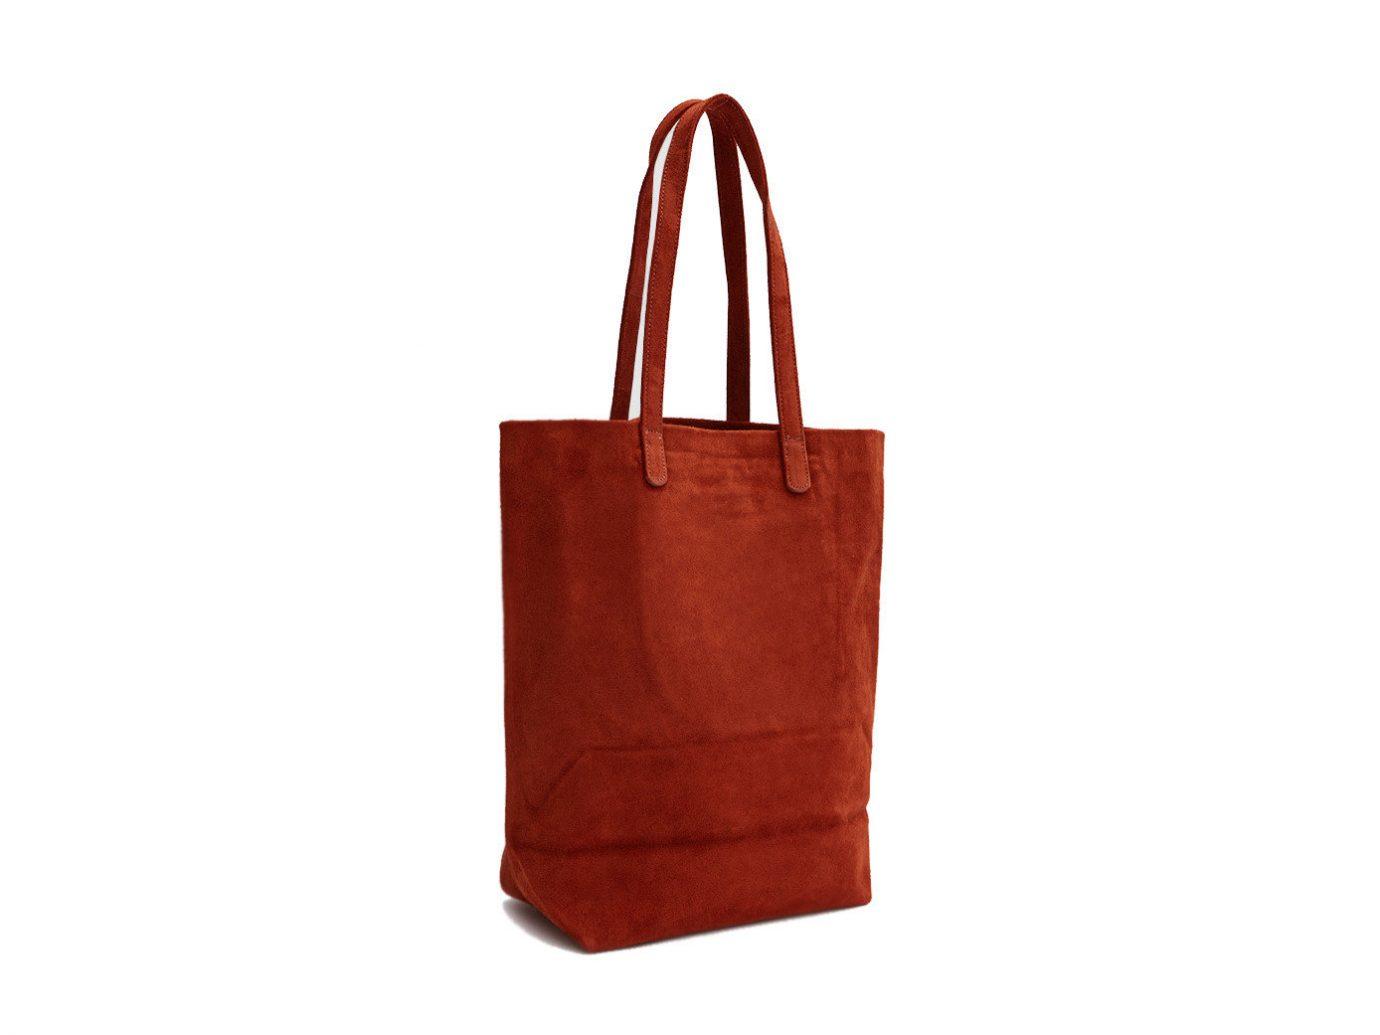 Packing Tips Style + Design Travel Shop Weekend Getaways handbag accessory bag shoulder bag brown product leather tote bag product design brand case